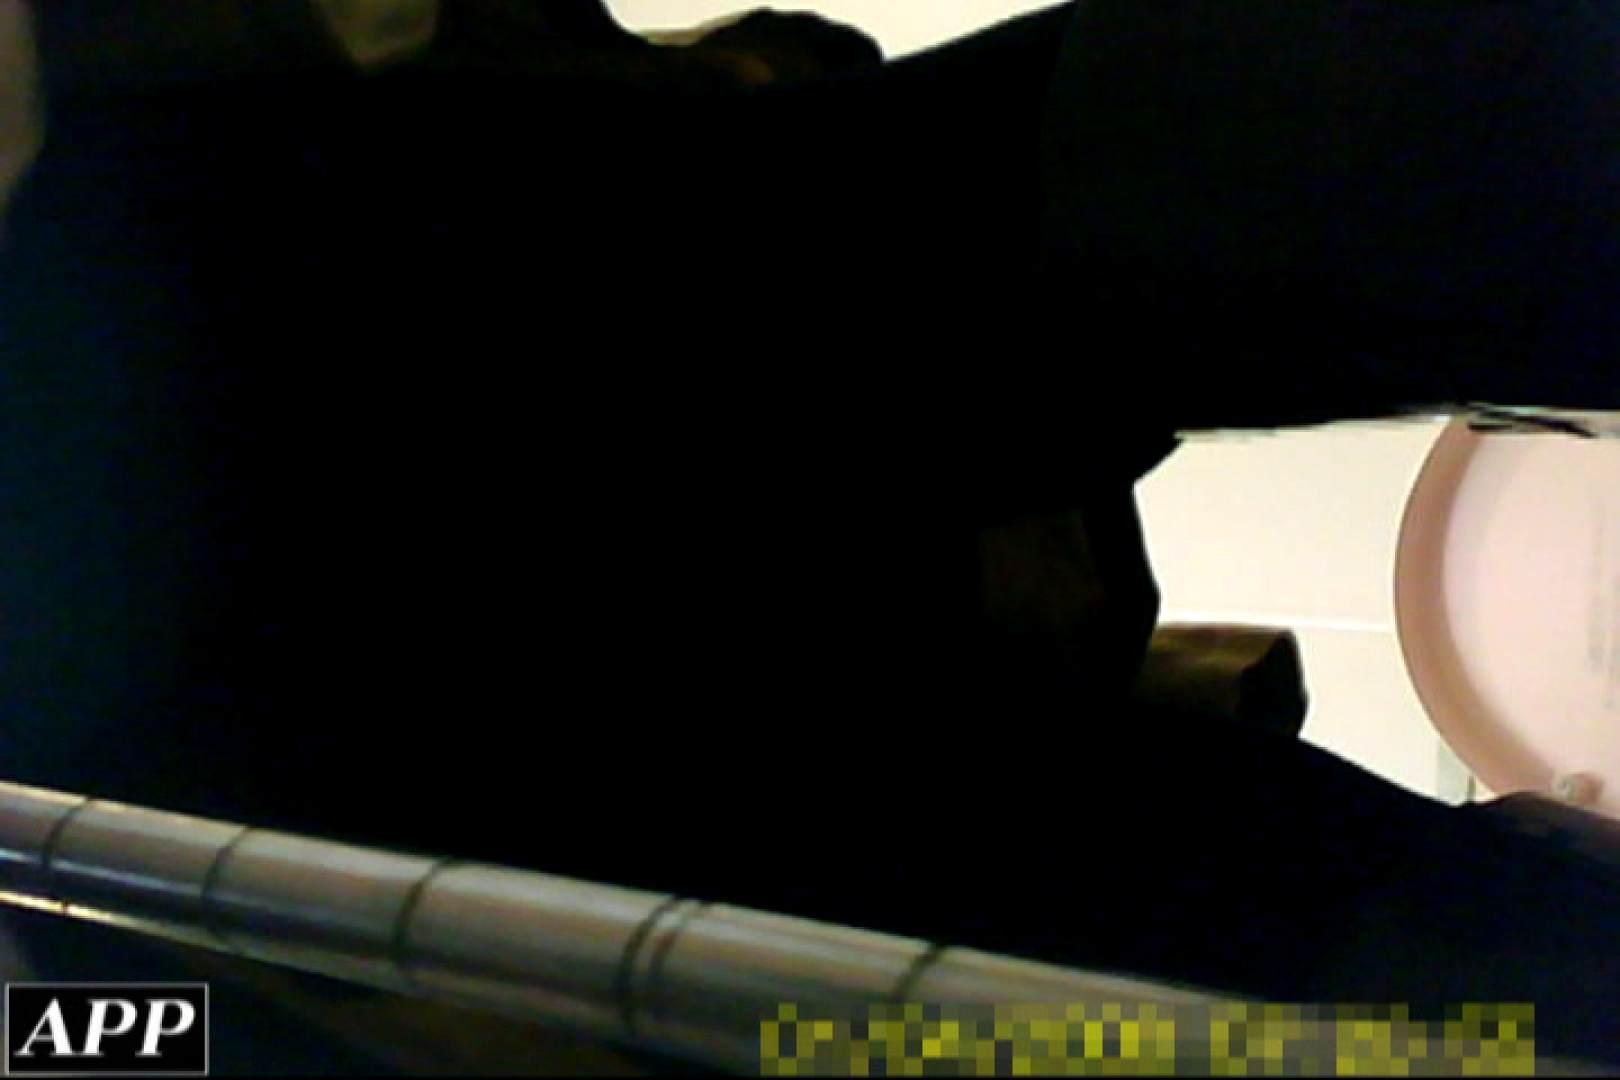 3視点洗面所 vol.05 エロいOL セックス画像 43枚